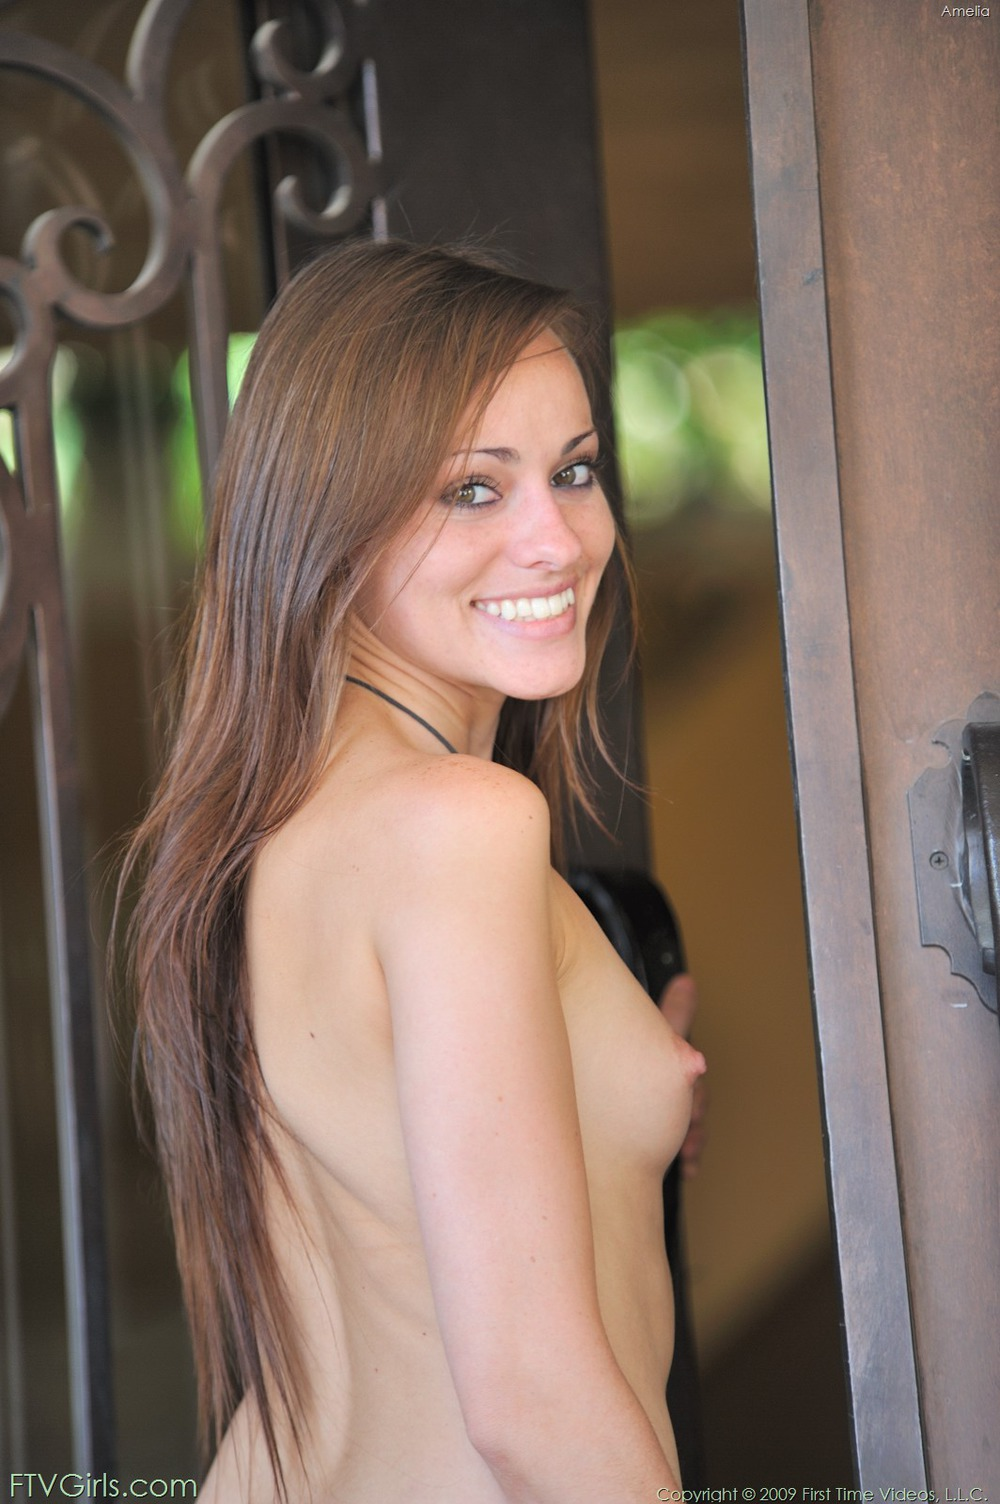 http://content9.novoglam.com/ftvgirls.com/6708/20.jpg